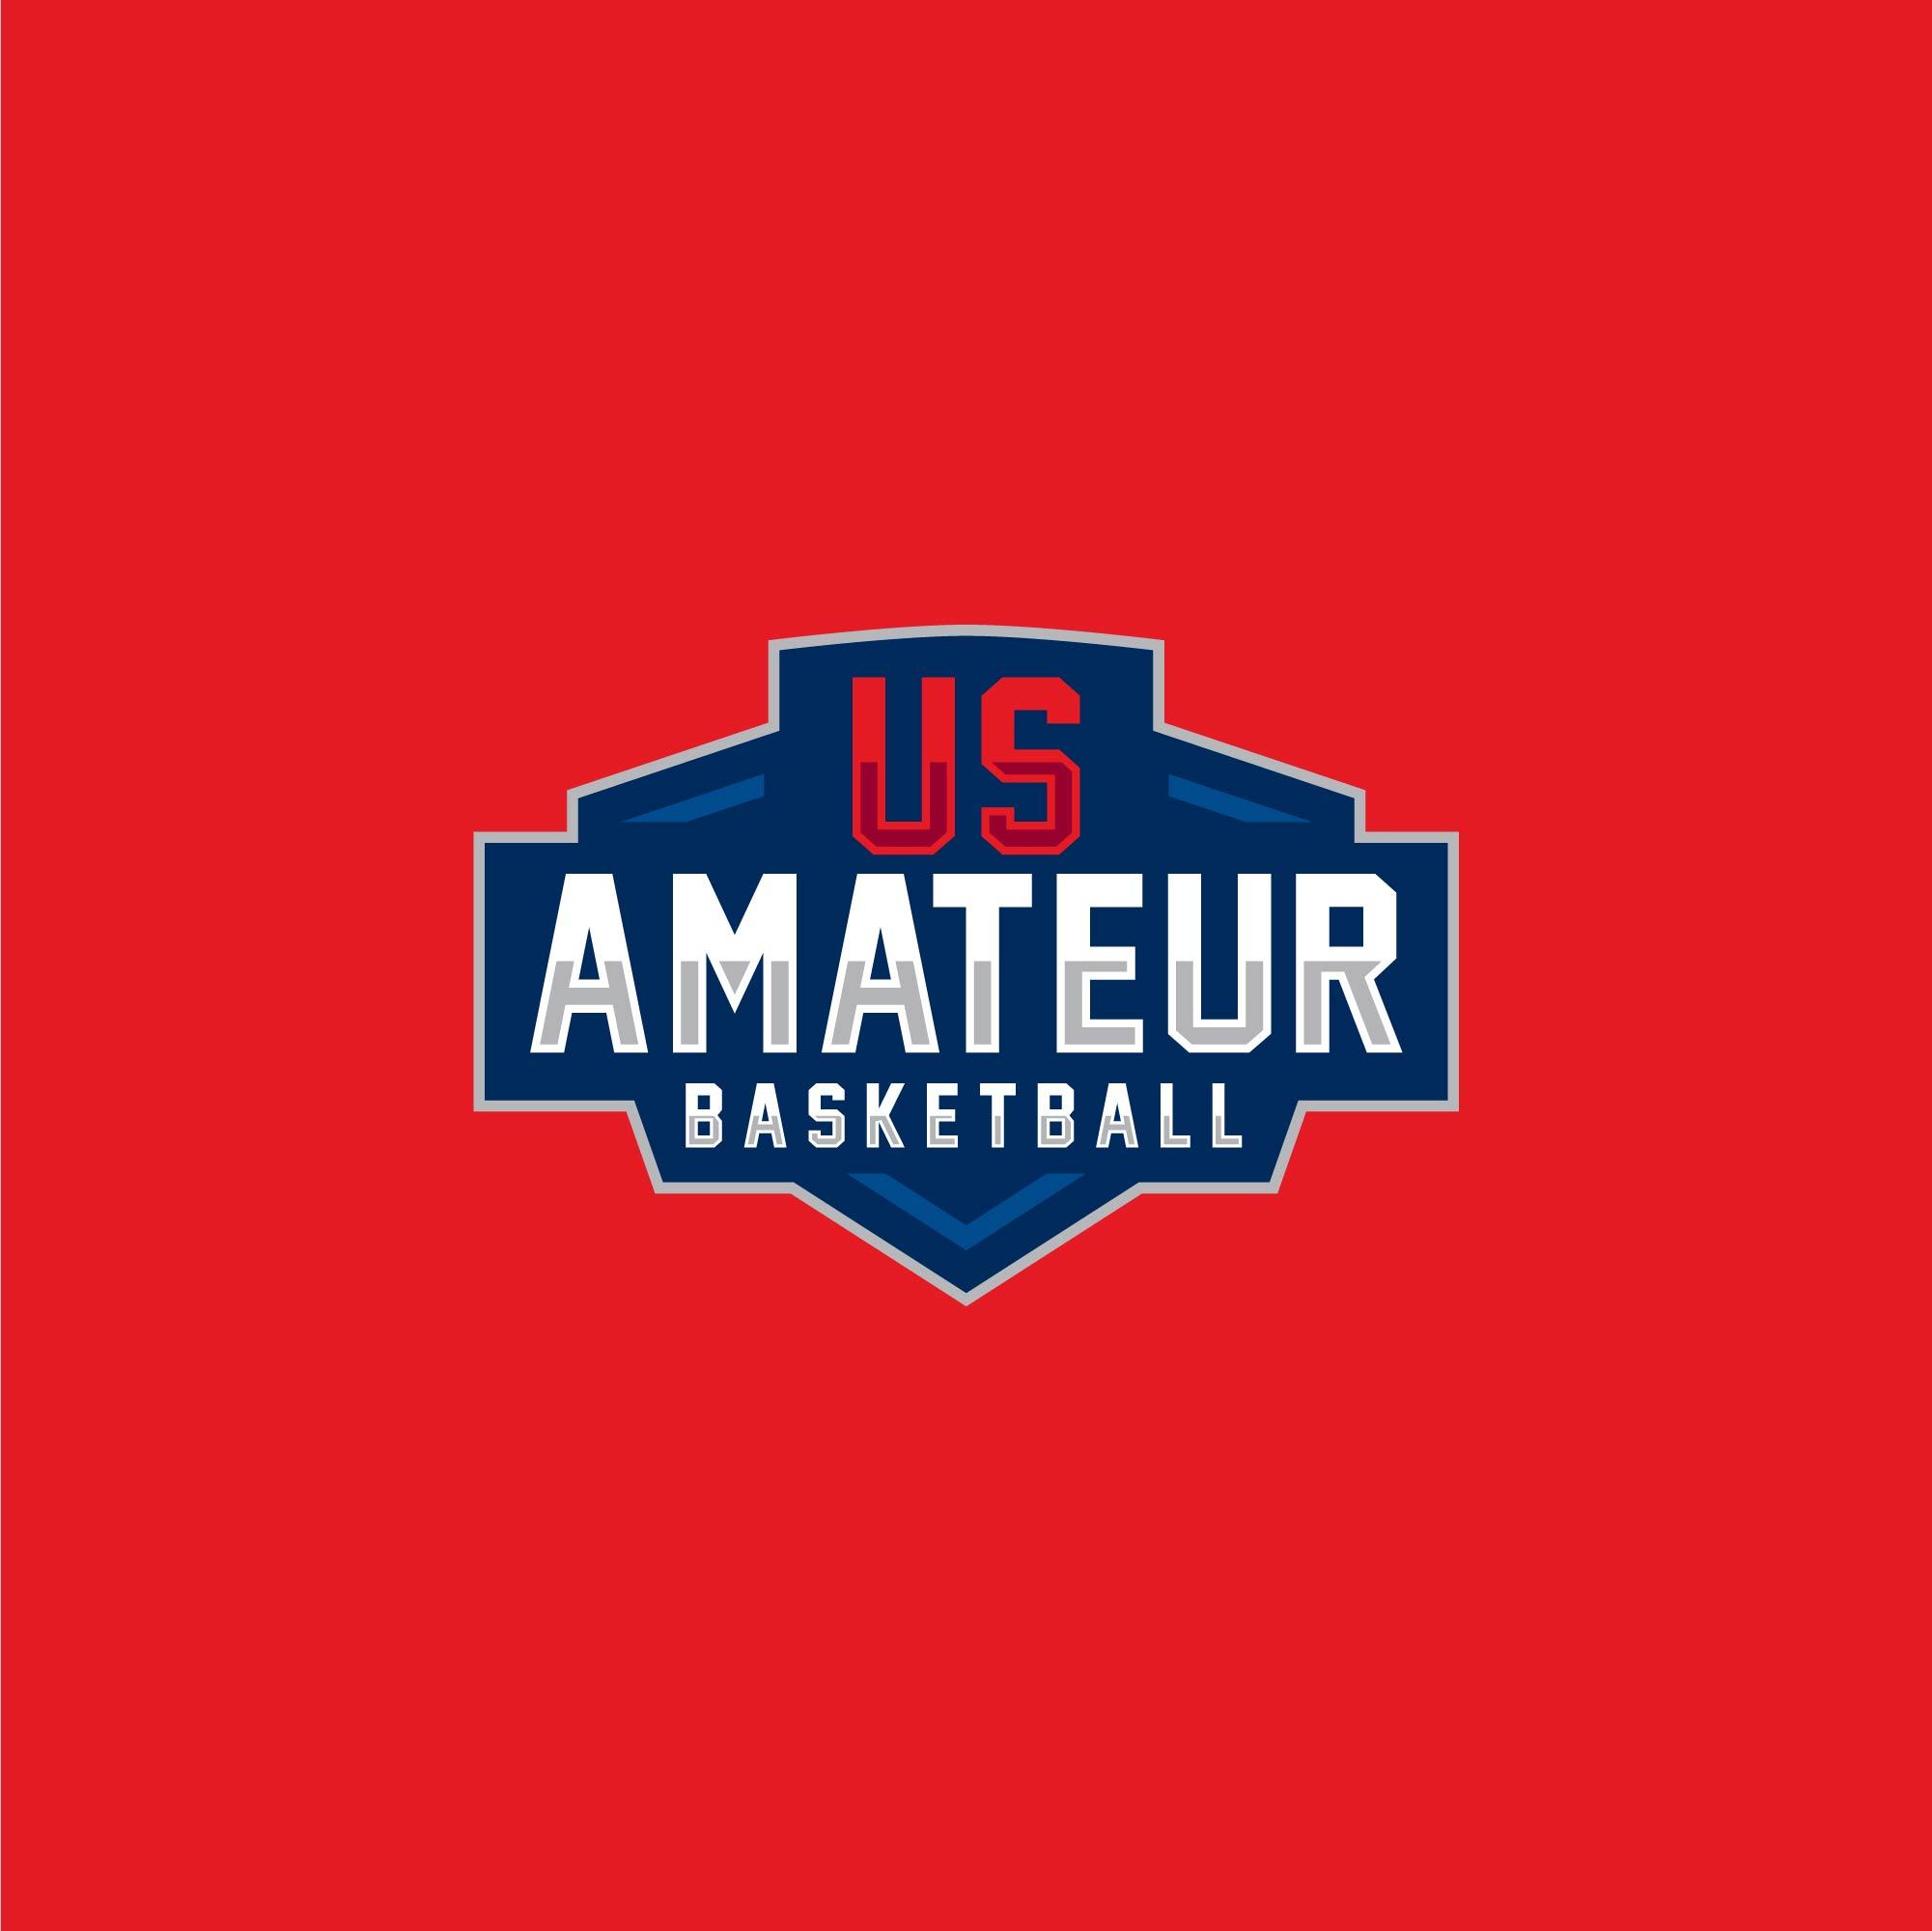 USAB 843recruiting.com